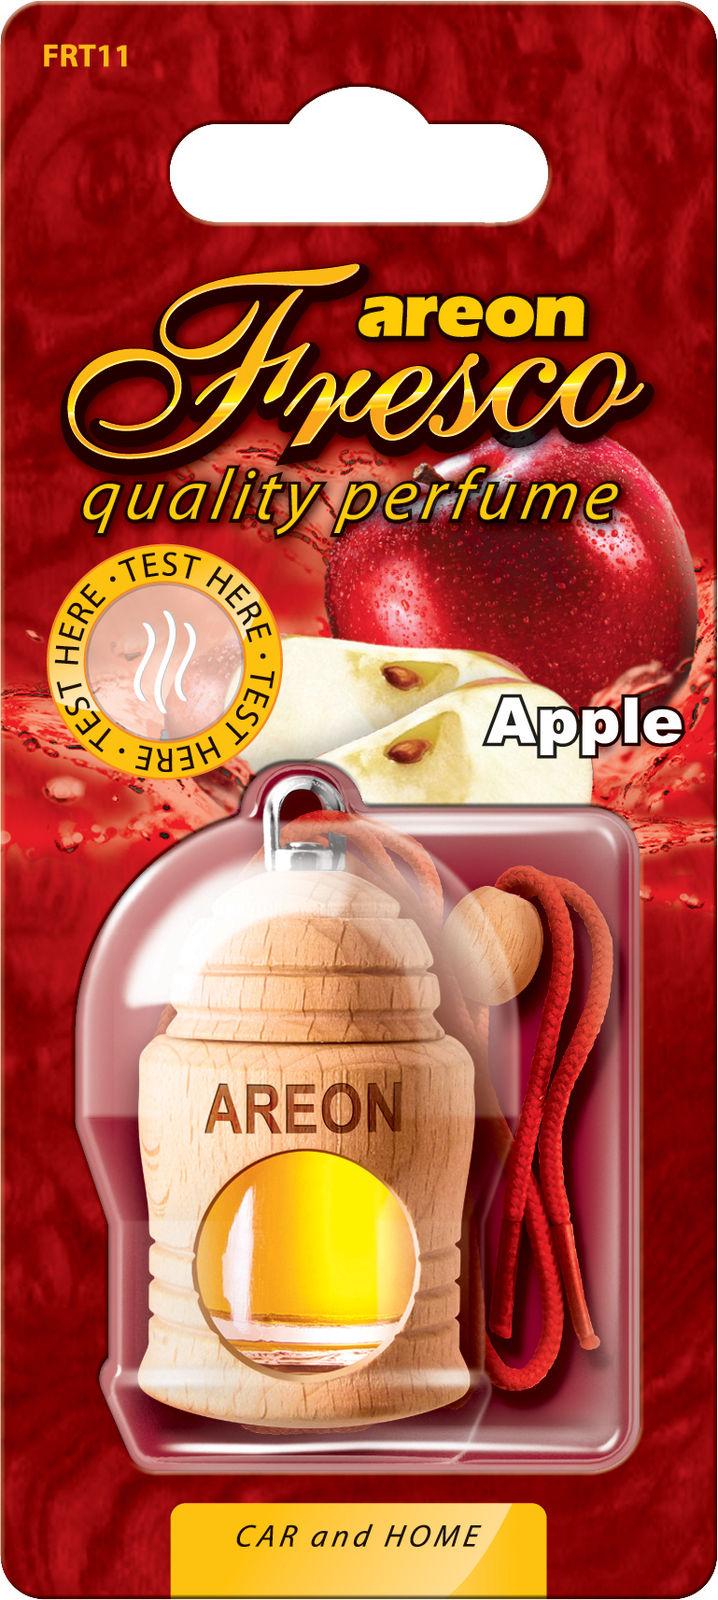 Tinh dầu thiên nhiên AREON hương táo – Fresco Apple (NHẬP KHẨU BULGARIA)